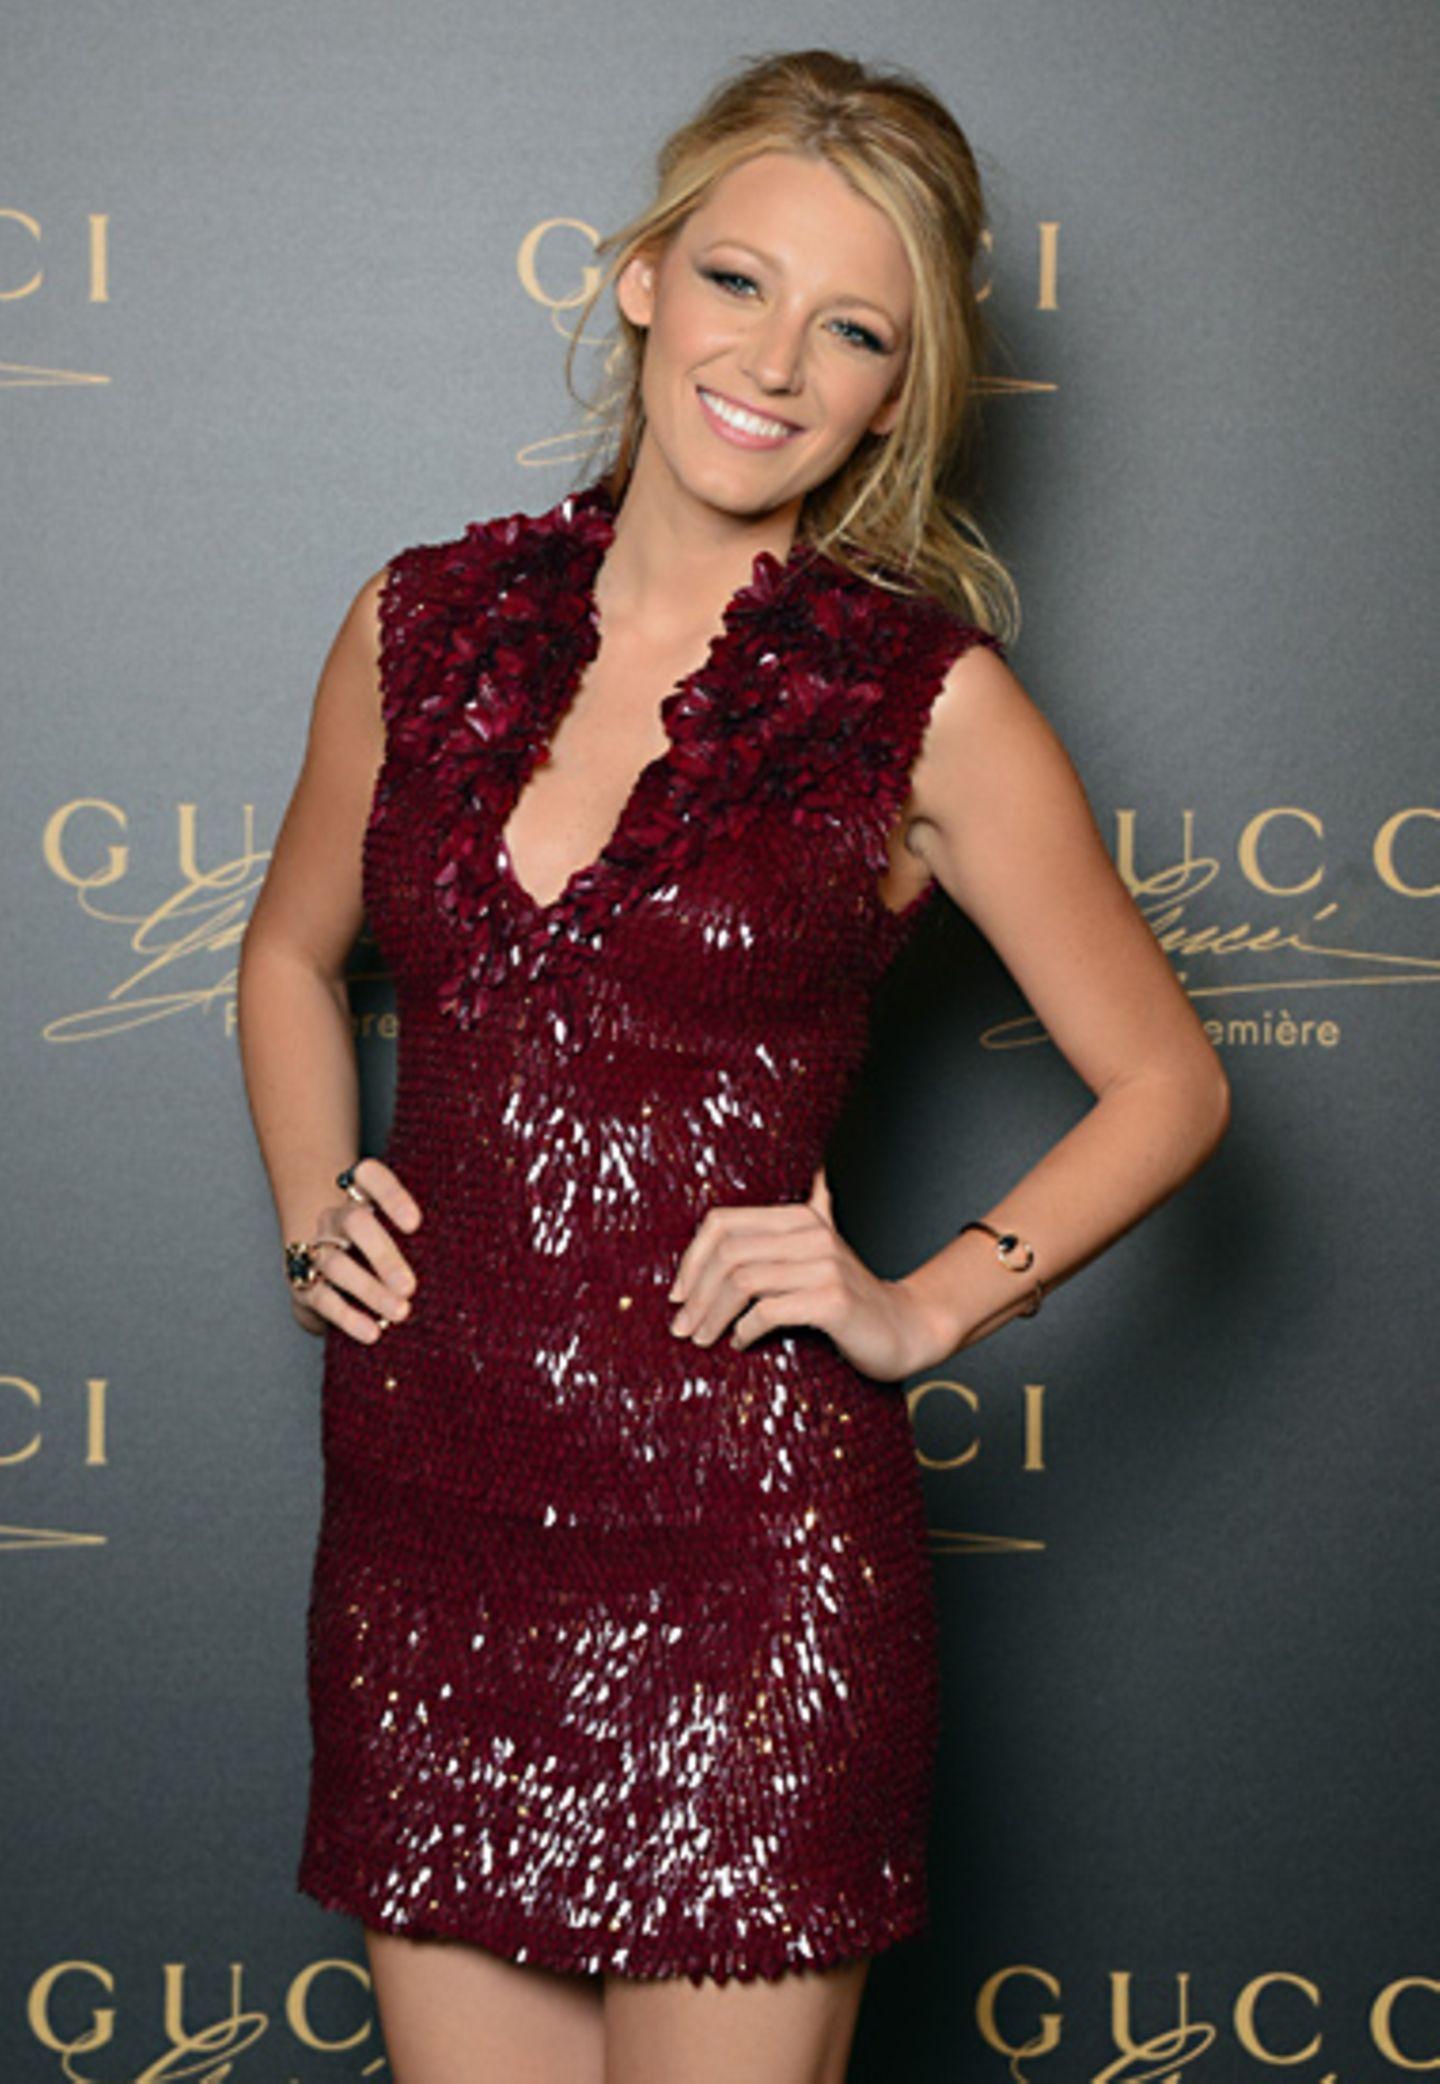 Zum Launch des neuen Gucci-Parfüms Première strahlt Blake Lively, als Werbeschönheit der Kampagne in diesem weinroten Paillette-